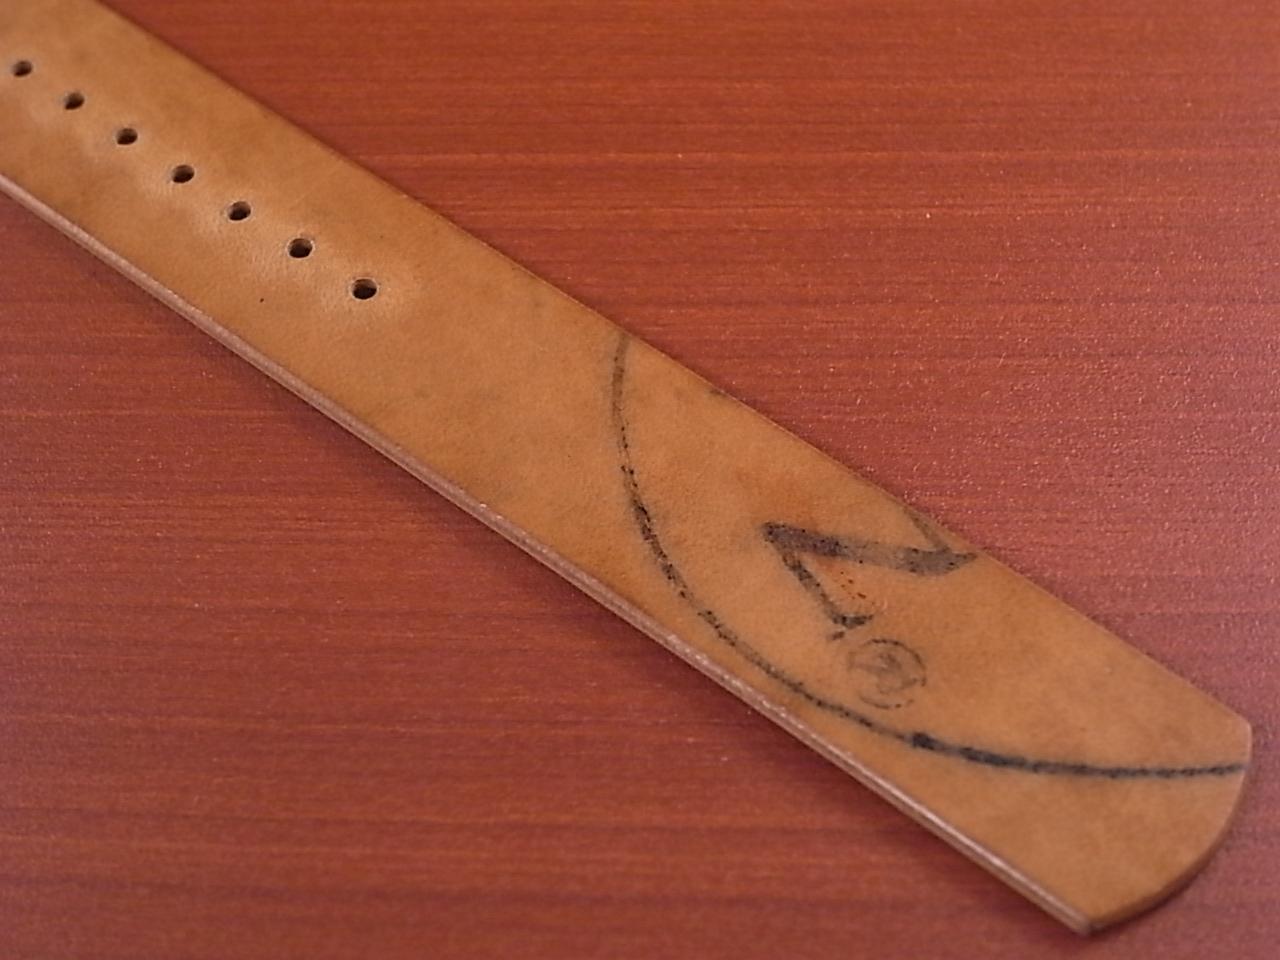 ホーウィン コードバン 引き通し革ベルト No.4(赤茶) 17~24mm 受注生産の写真6枚目